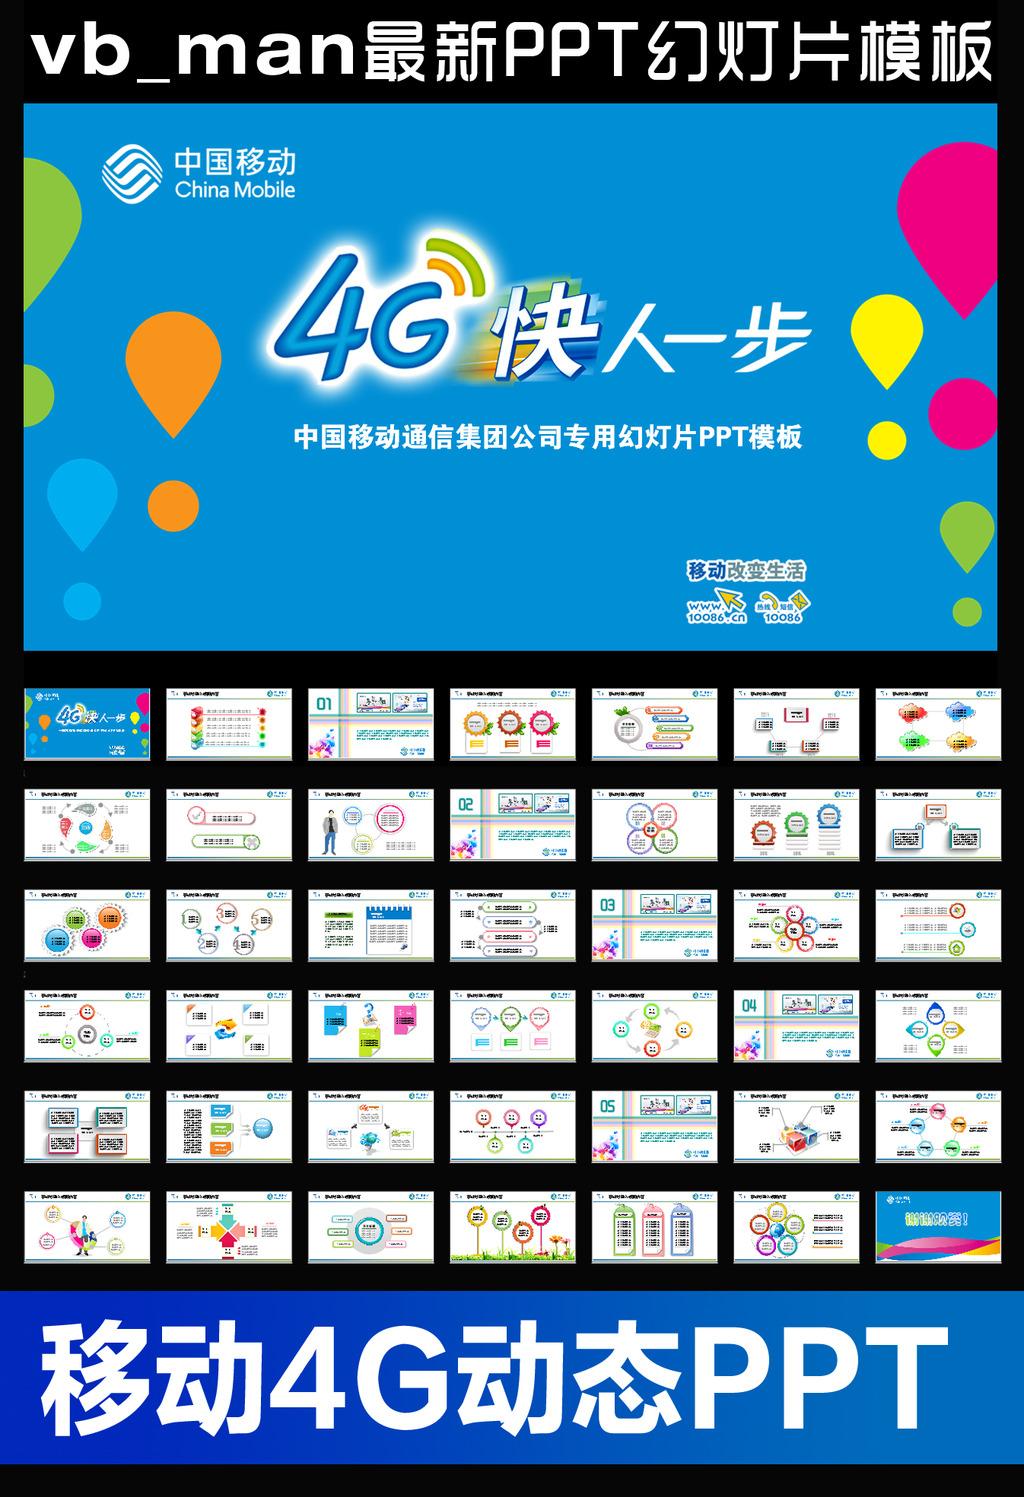 中国移动通信4g标志中国移动4g网络标志